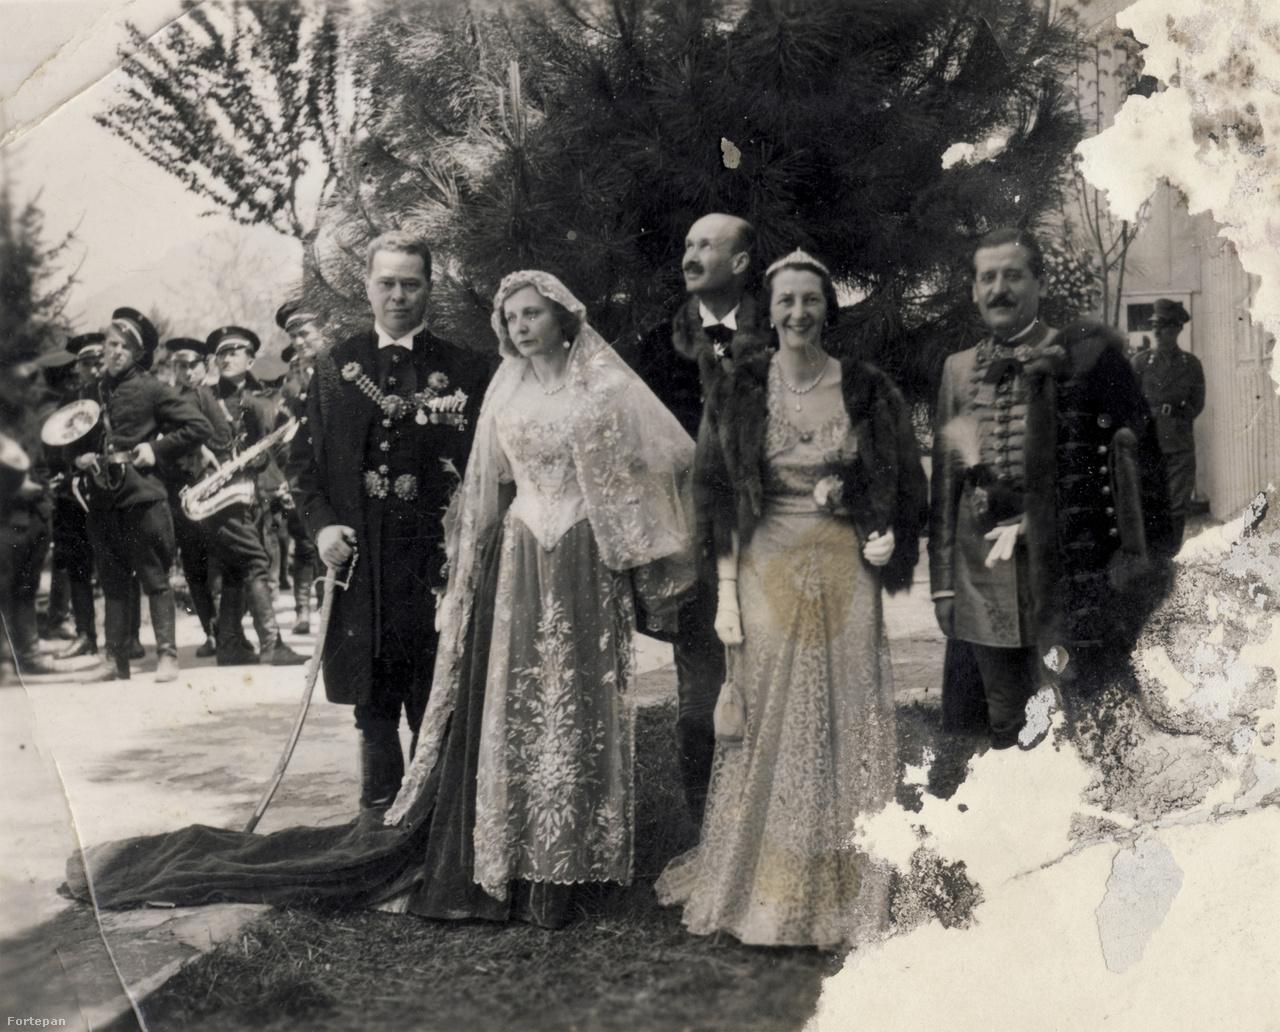 """Geraldine díszmagyarba rokonai az esküvőn.                         Tirana szűk lett a sok vendégnek.""""Egy-egy kis szálloda vendégkönyve valóságos gótai almanach. Soha nem látott fény és gazdagság költözött a vidékies hotelek szimpla falai közé"""" – panaszkodott a fodrászt sem kapó Guthy Böske az olvasóknak."""